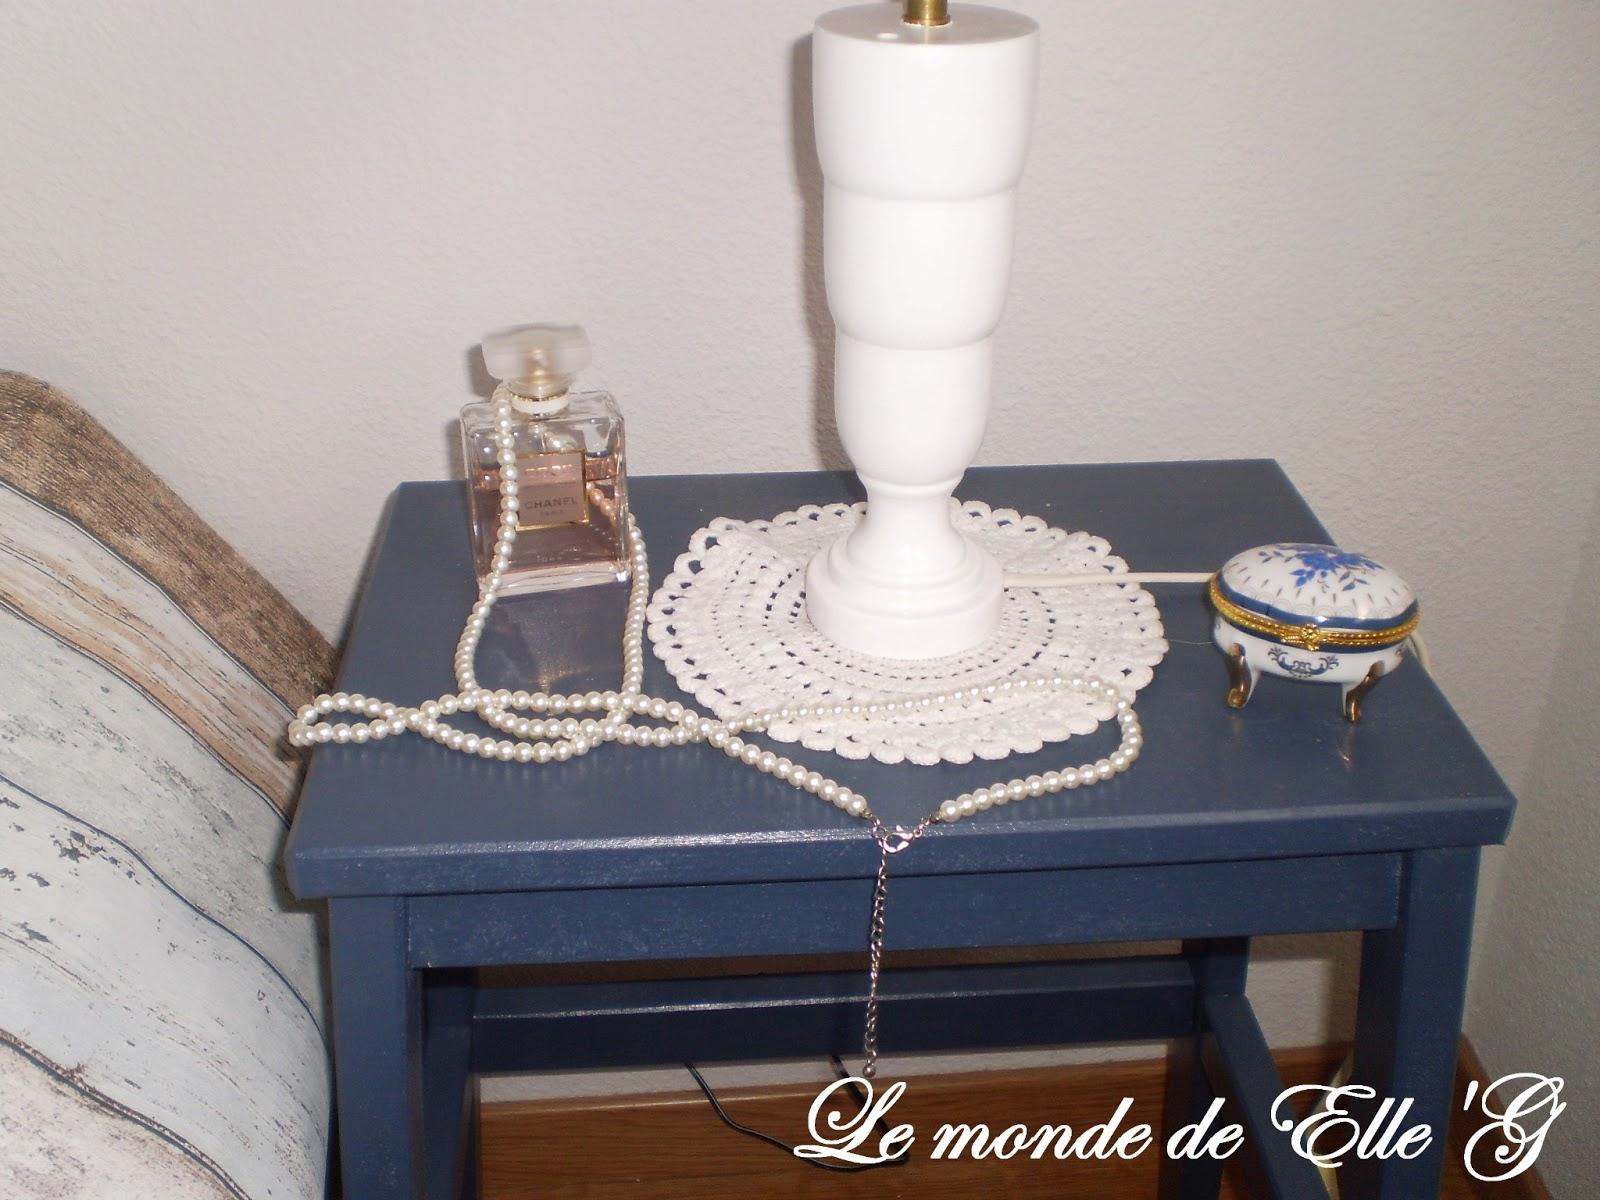 lampe de chevet romantique le monde de elle 39 g. Black Bedroom Furniture Sets. Home Design Ideas